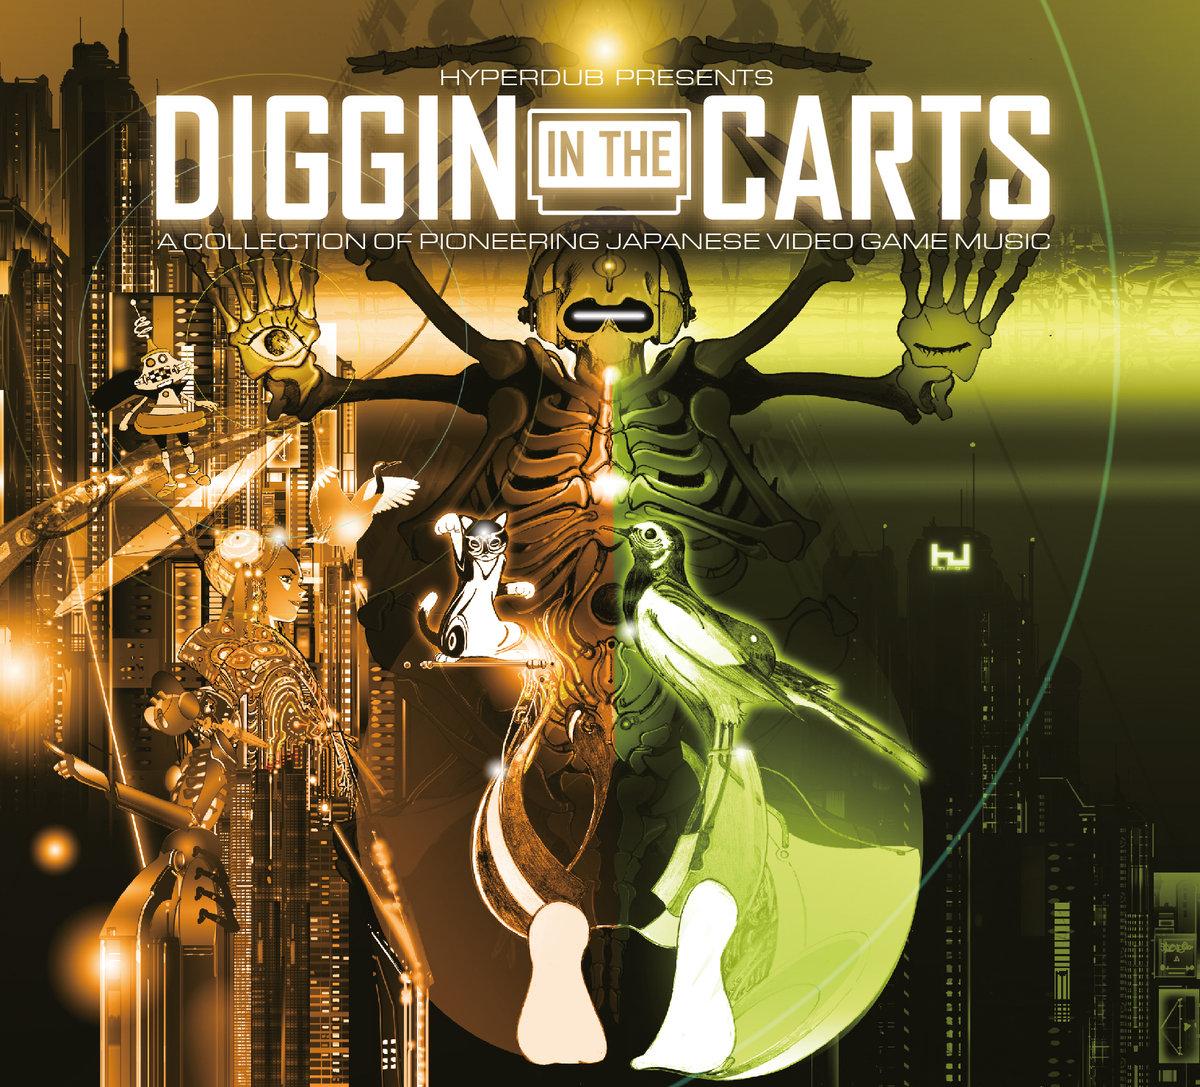 """Hyperdub соберет редкую музыку из ранних японских видеоигр в компиляции """"Diggin' In The Carts"""""""